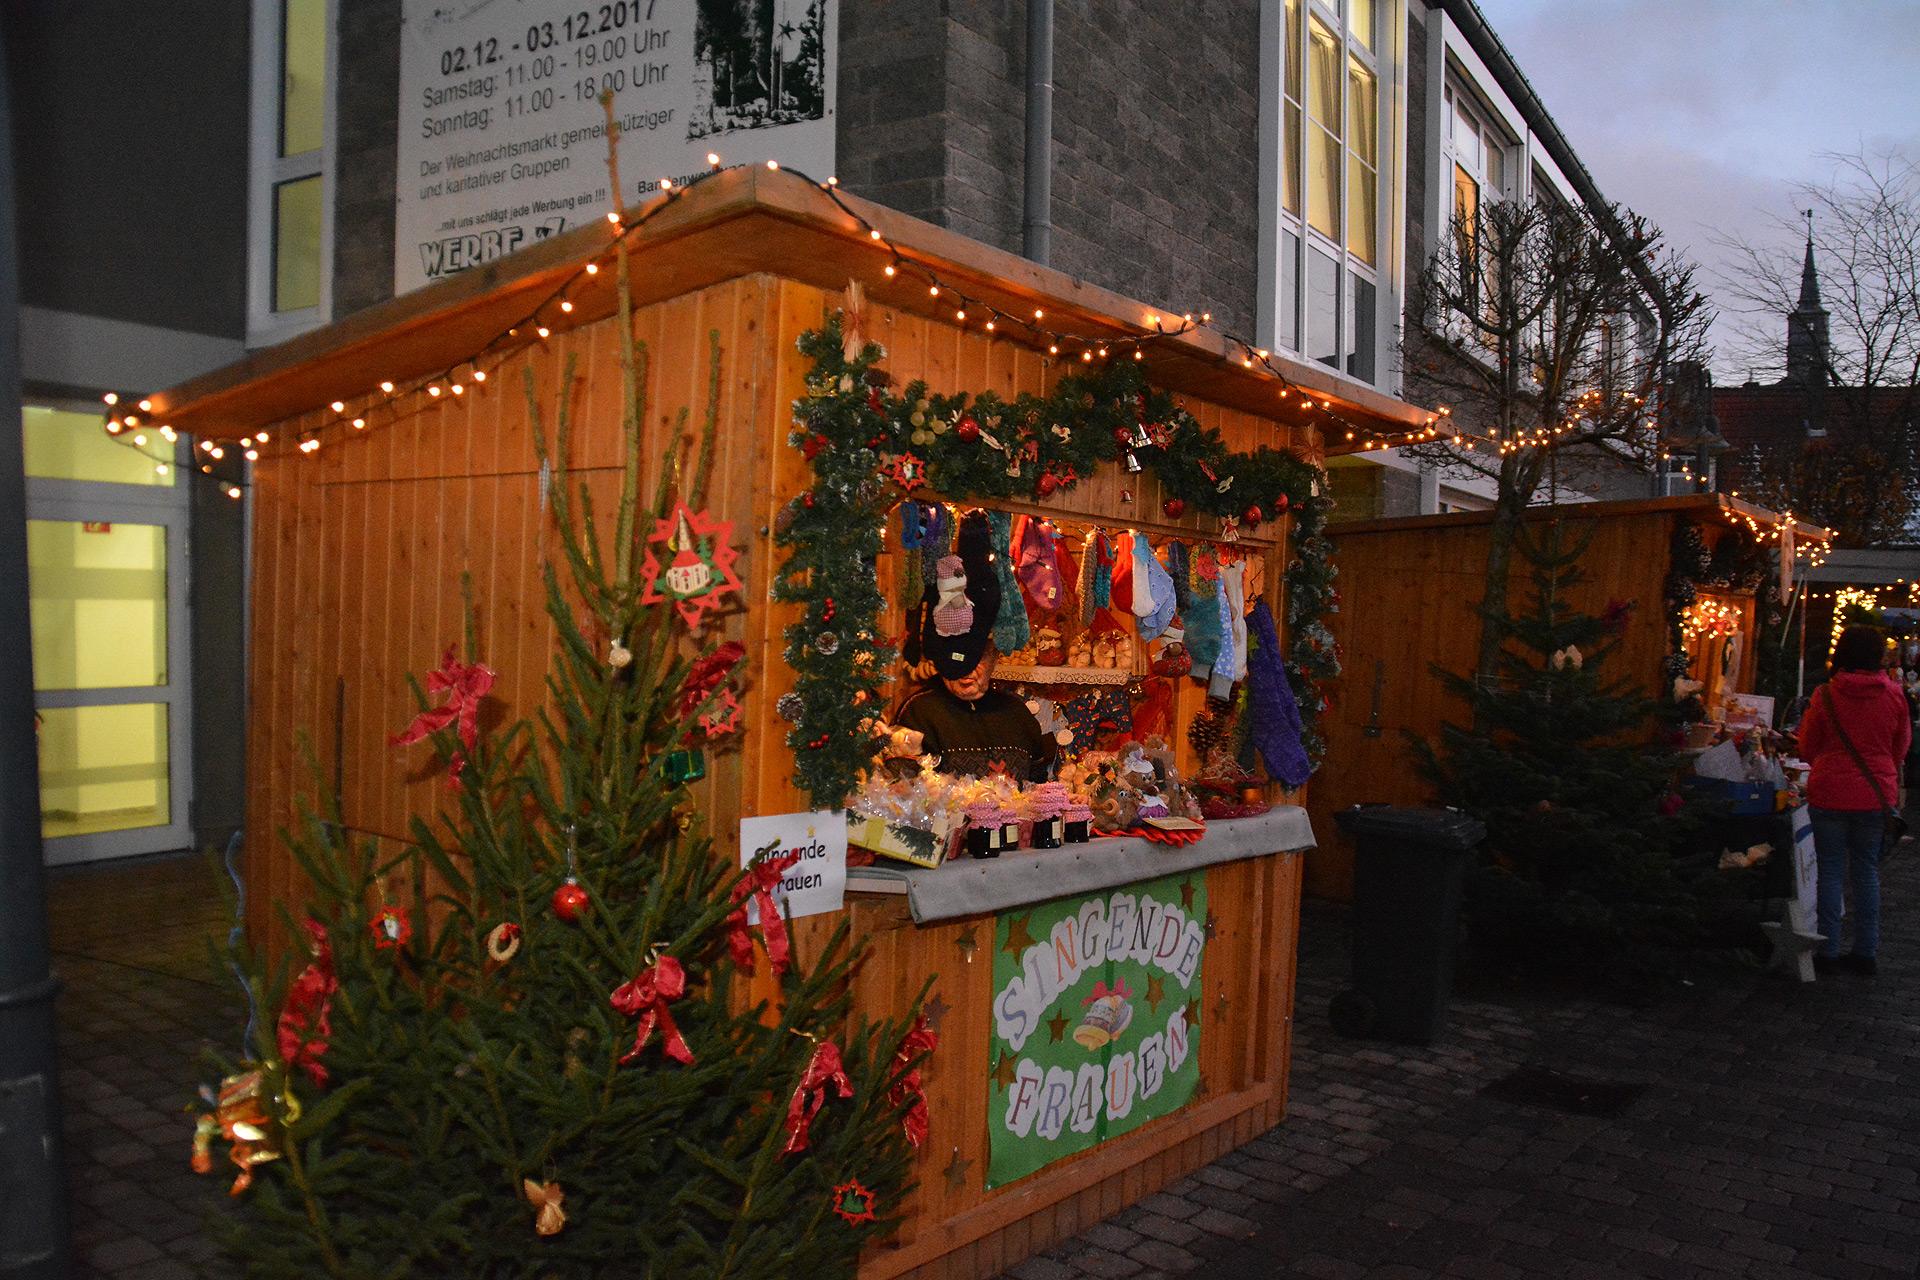 Weihnachtsmarkt Frankenberg.Der Alternative Weihnachtsmarkt In Korbach Mit Viel Livemusik Und